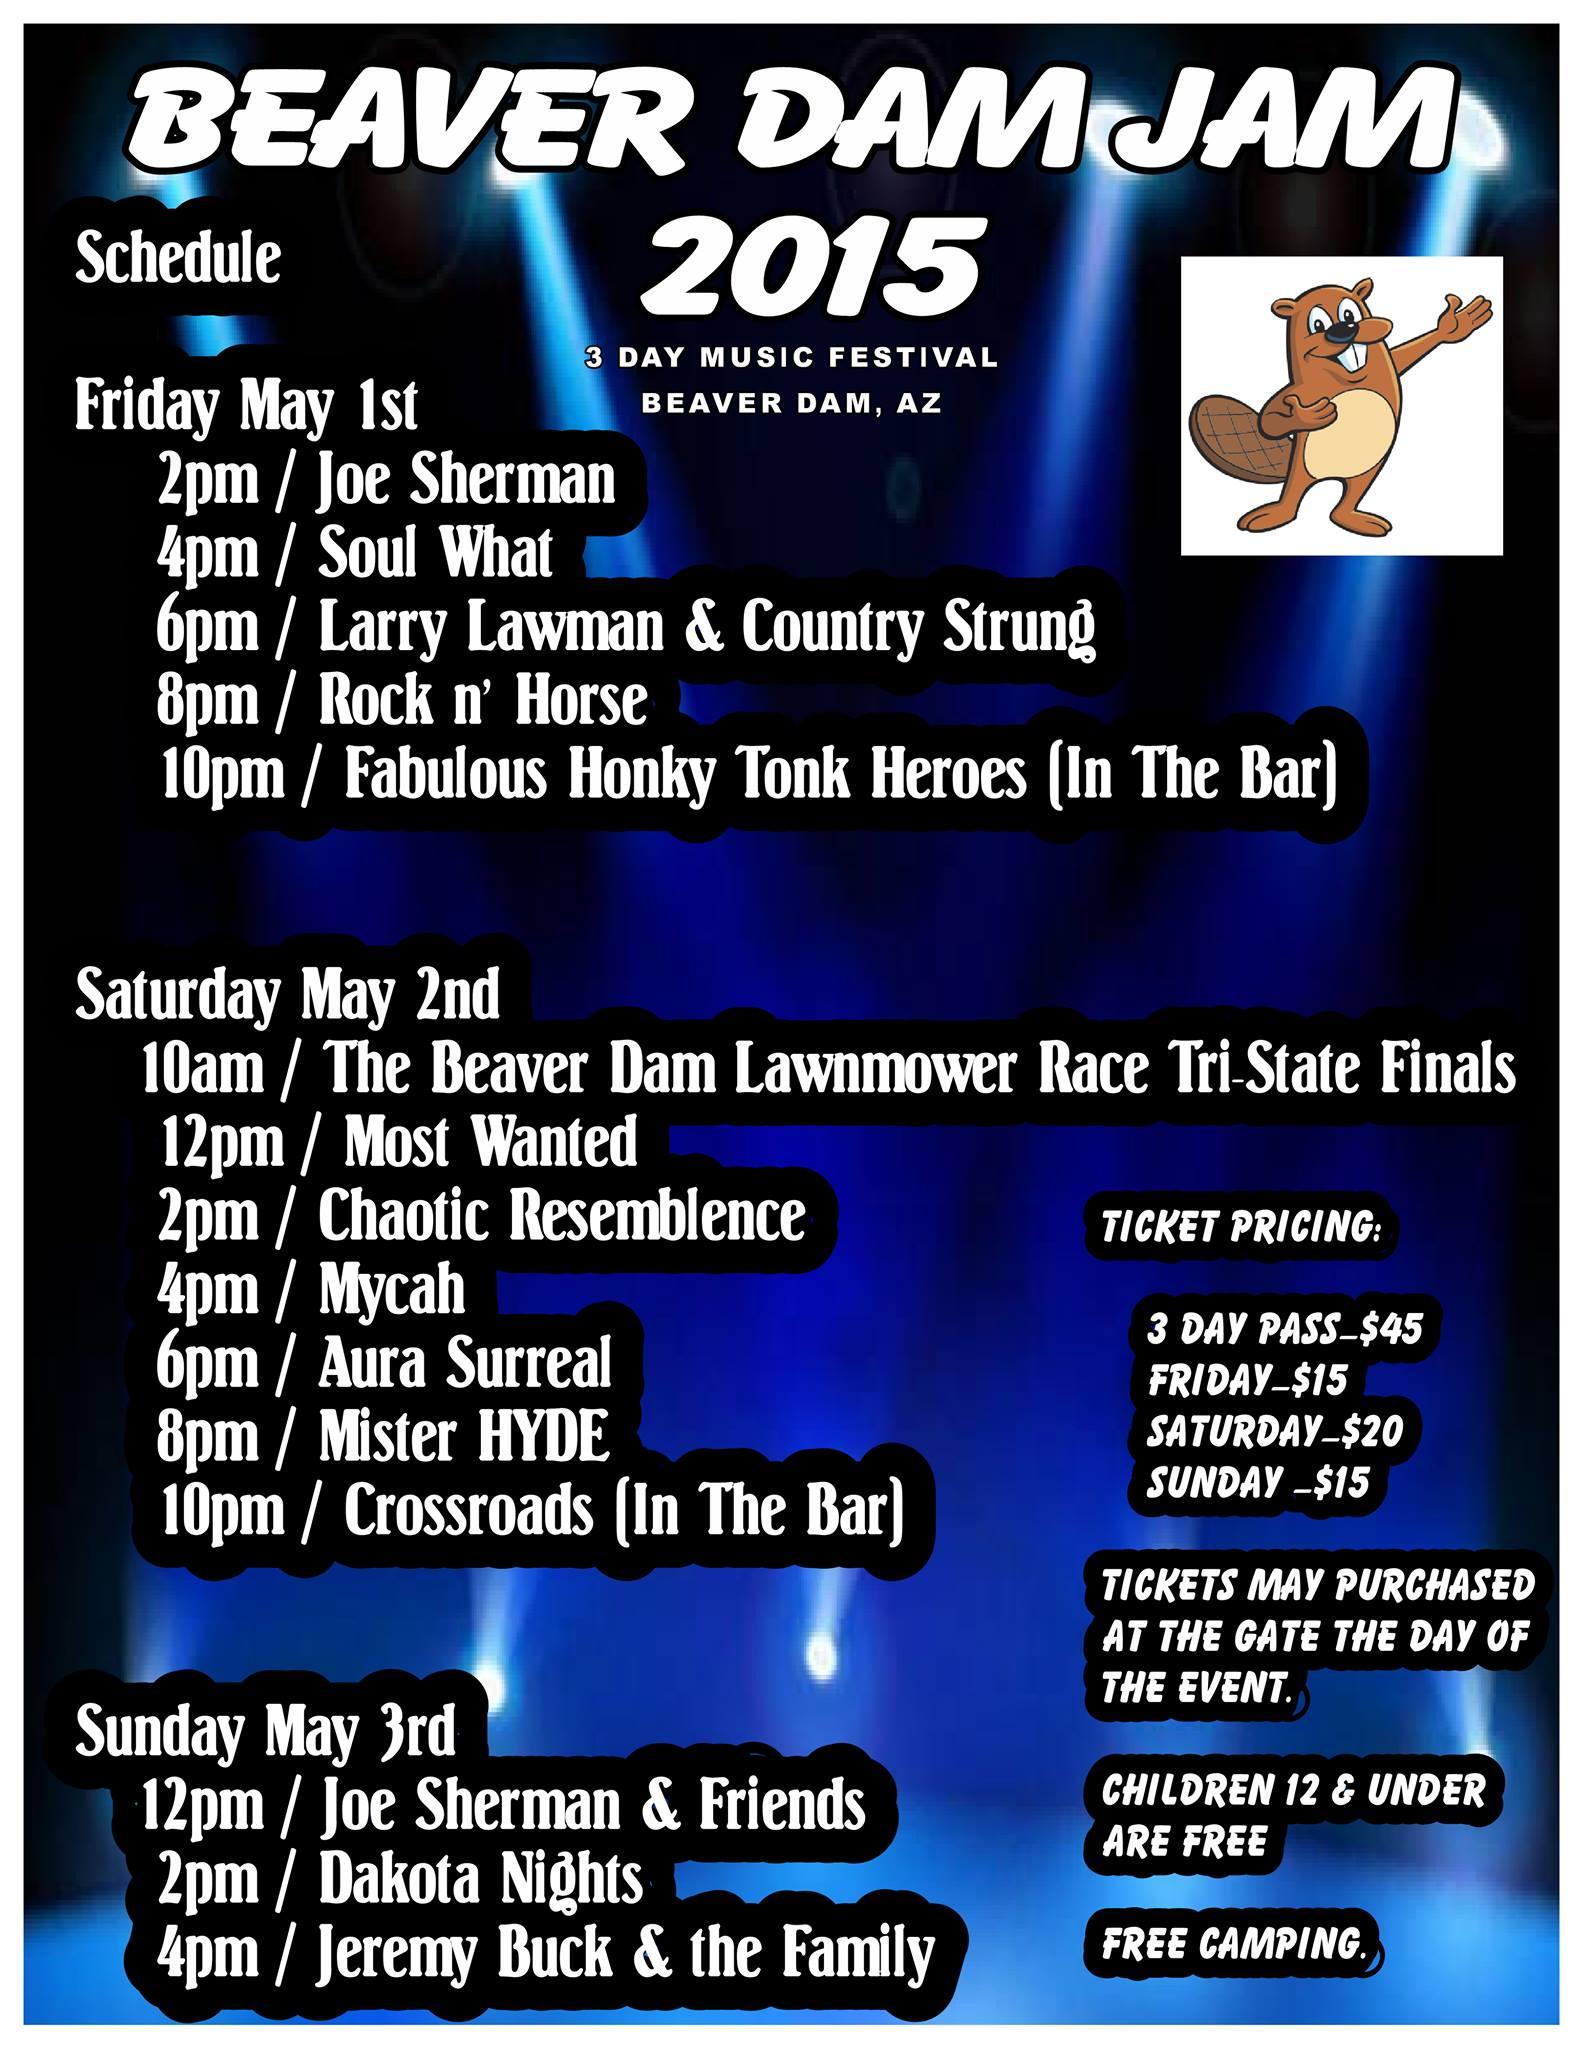 Beaver Dam Jam begins Friday